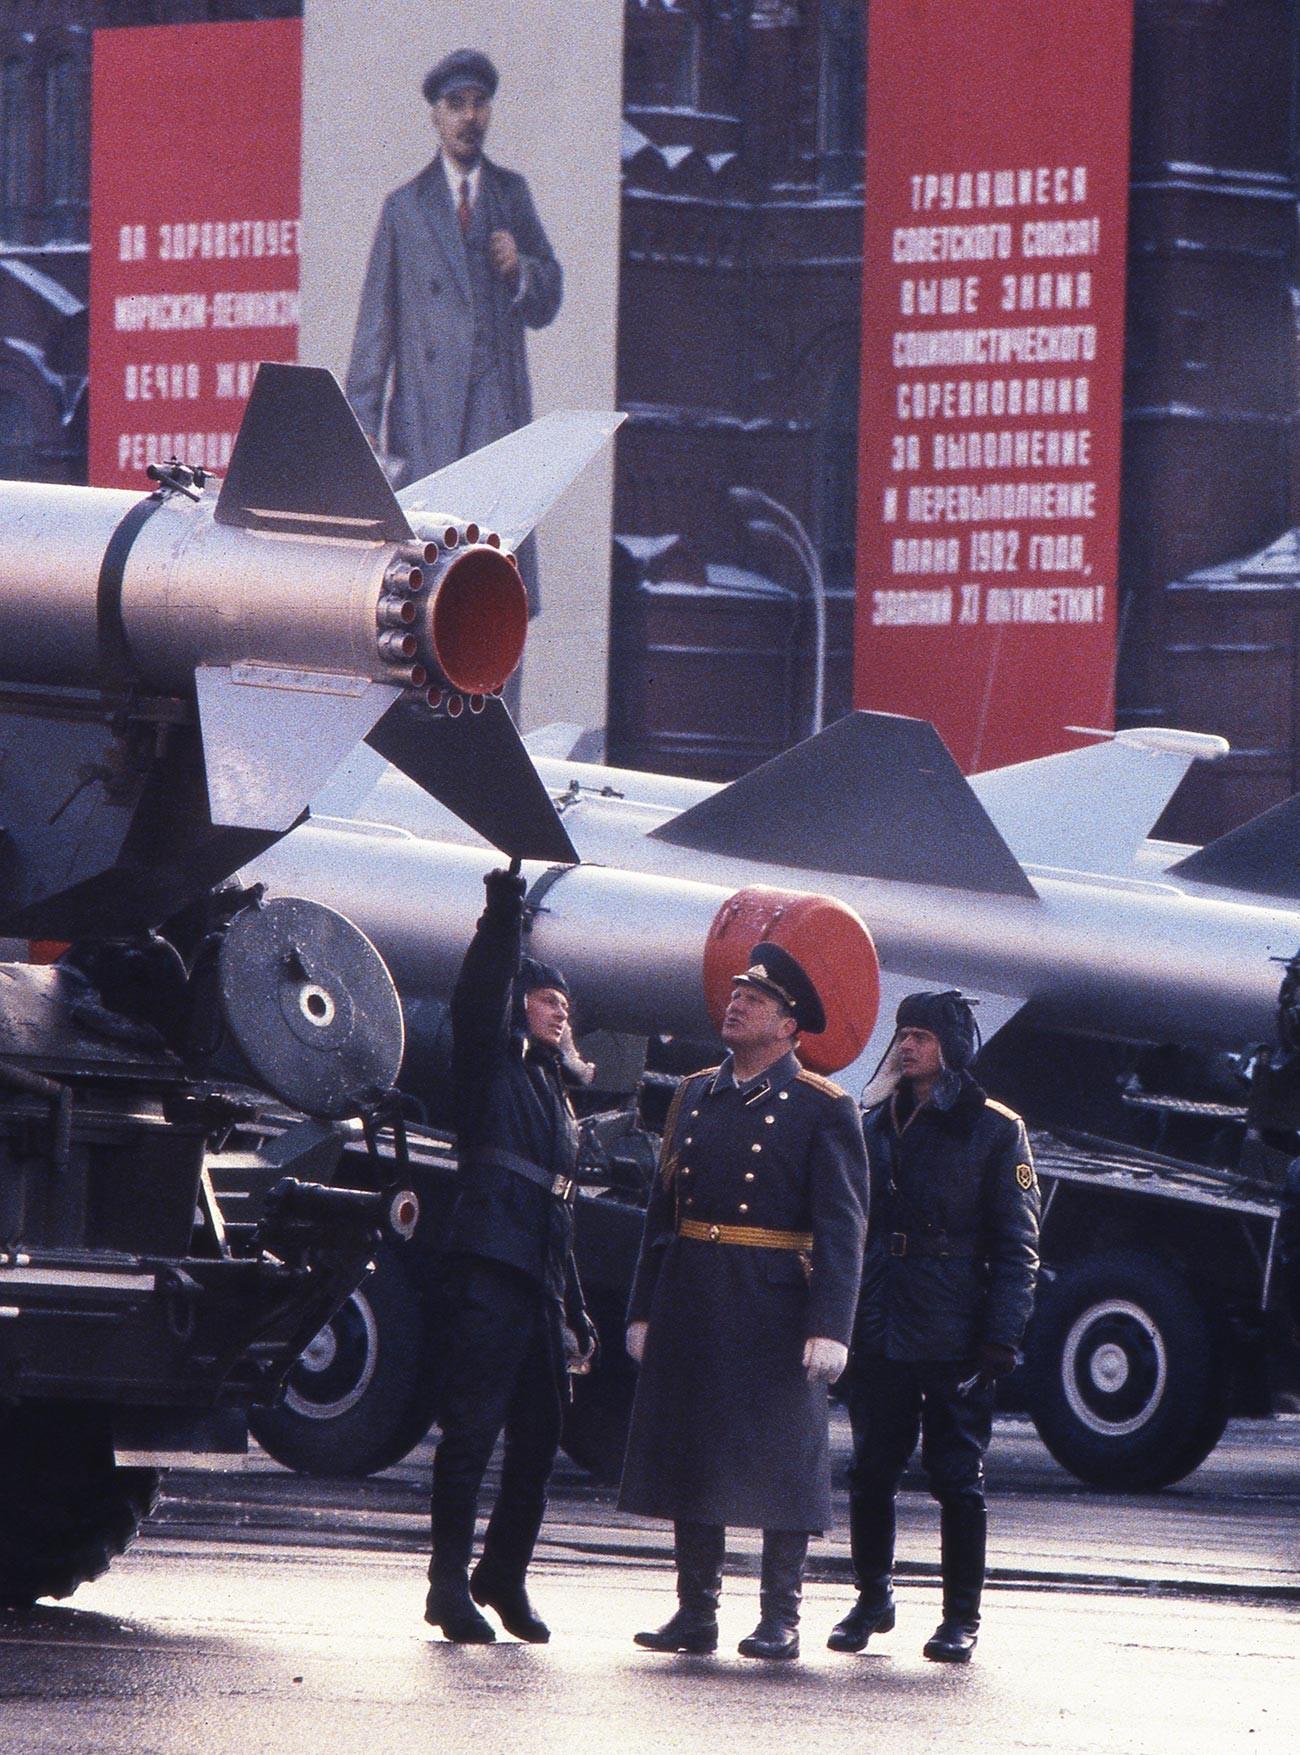 Des militaires soviétiques juste avant le défilé sur la place Rouge à l'occasion du 65e anniversaire de la Révolution d'octobre